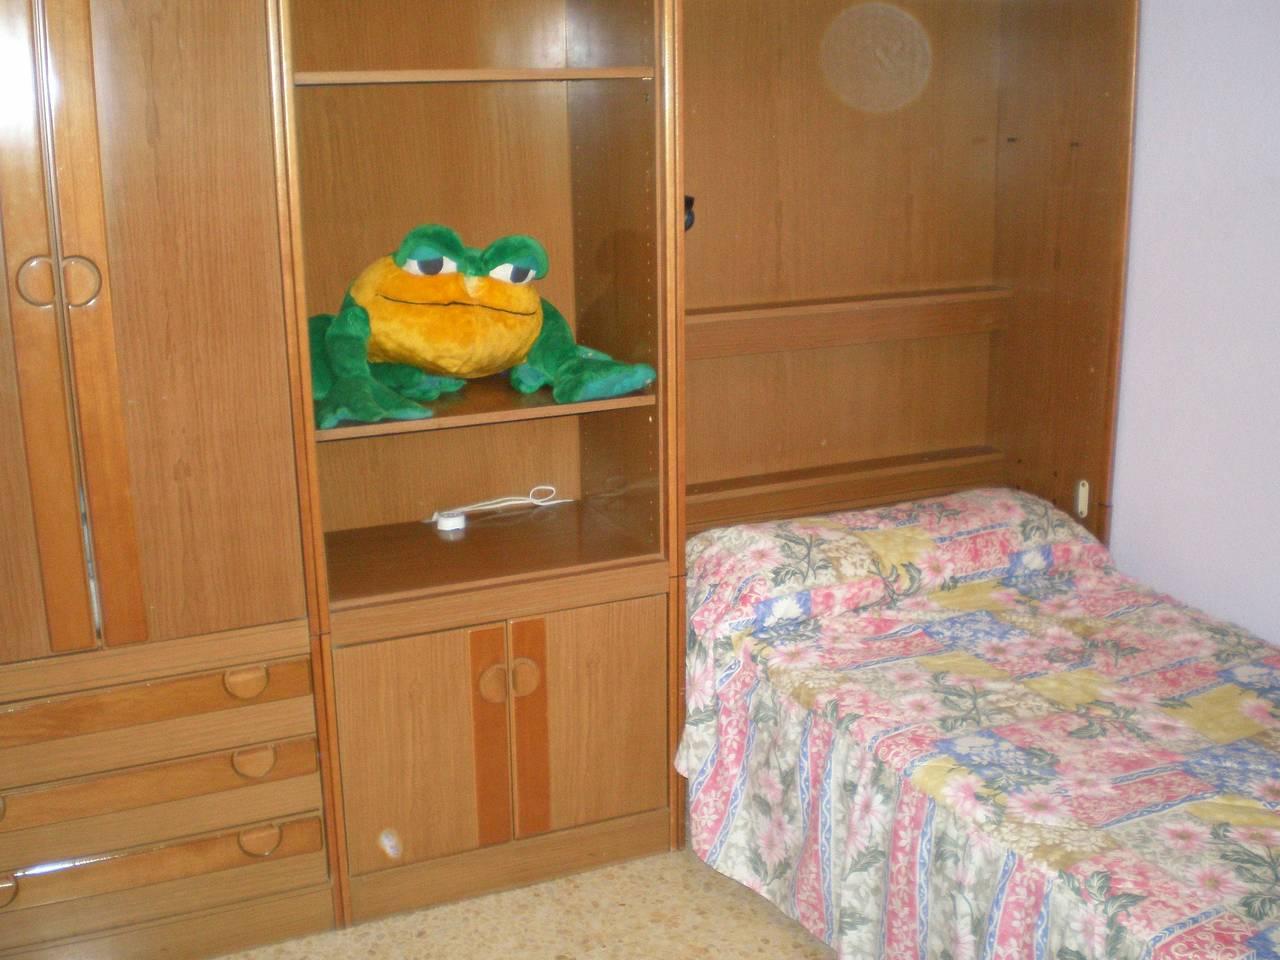 en soria se alquilan una habitacion en piso compartido  - Foto 6